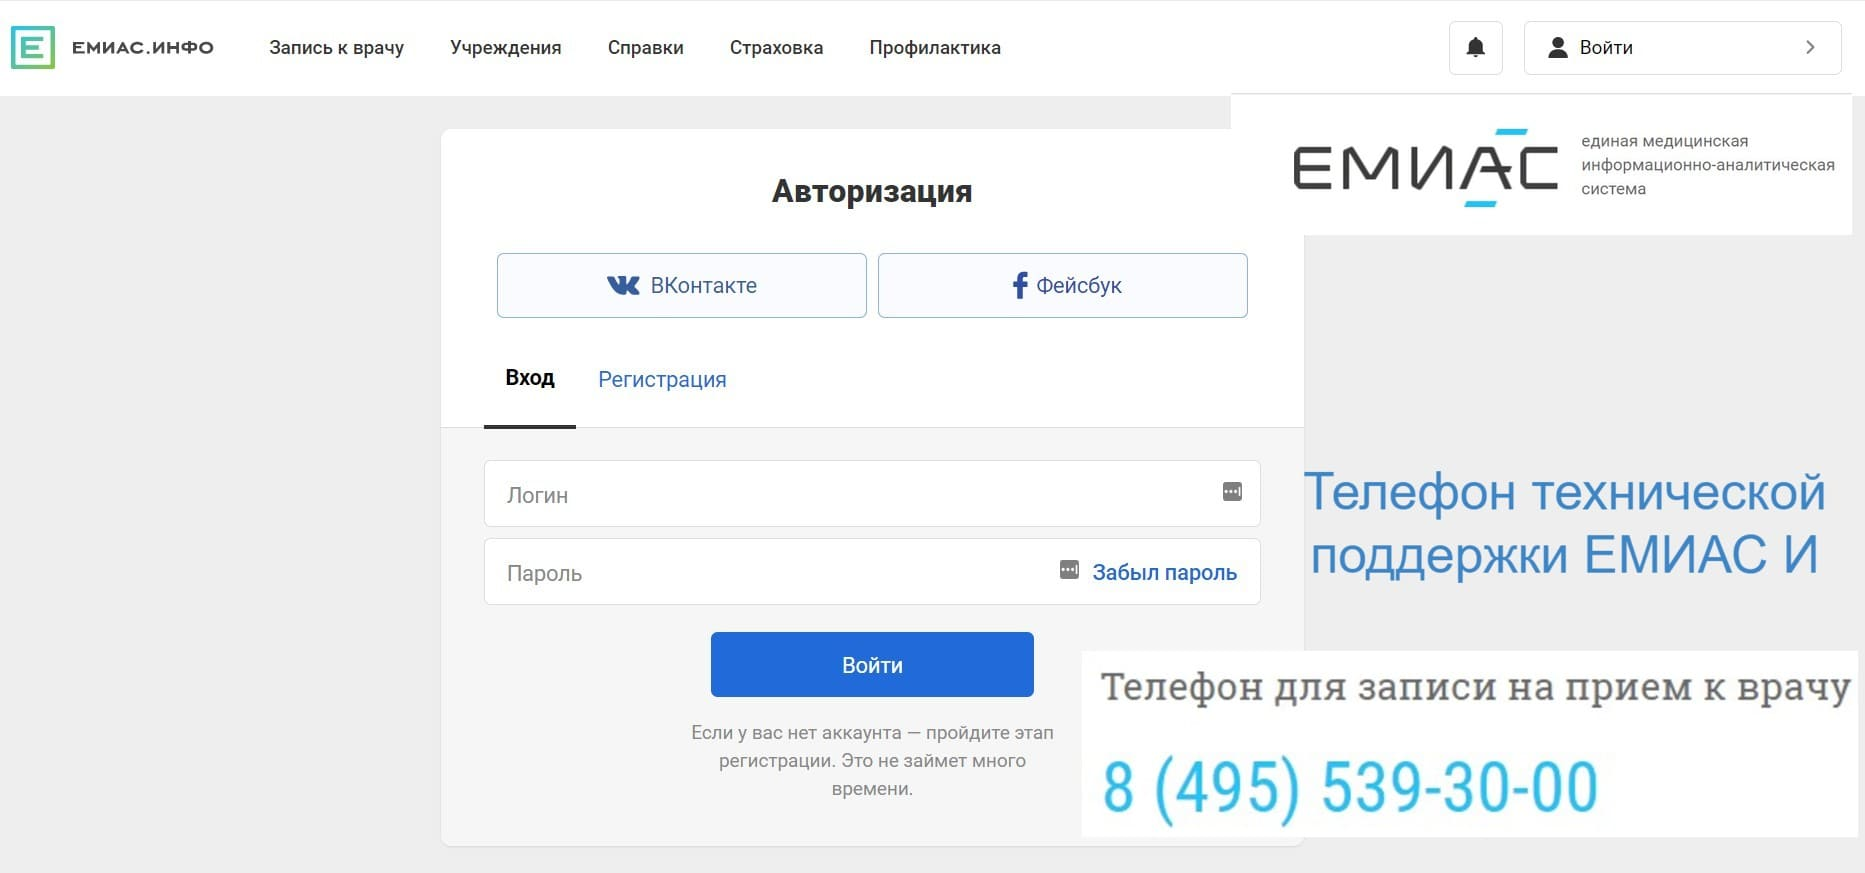 ЕМИАС Москвы личный кабинет